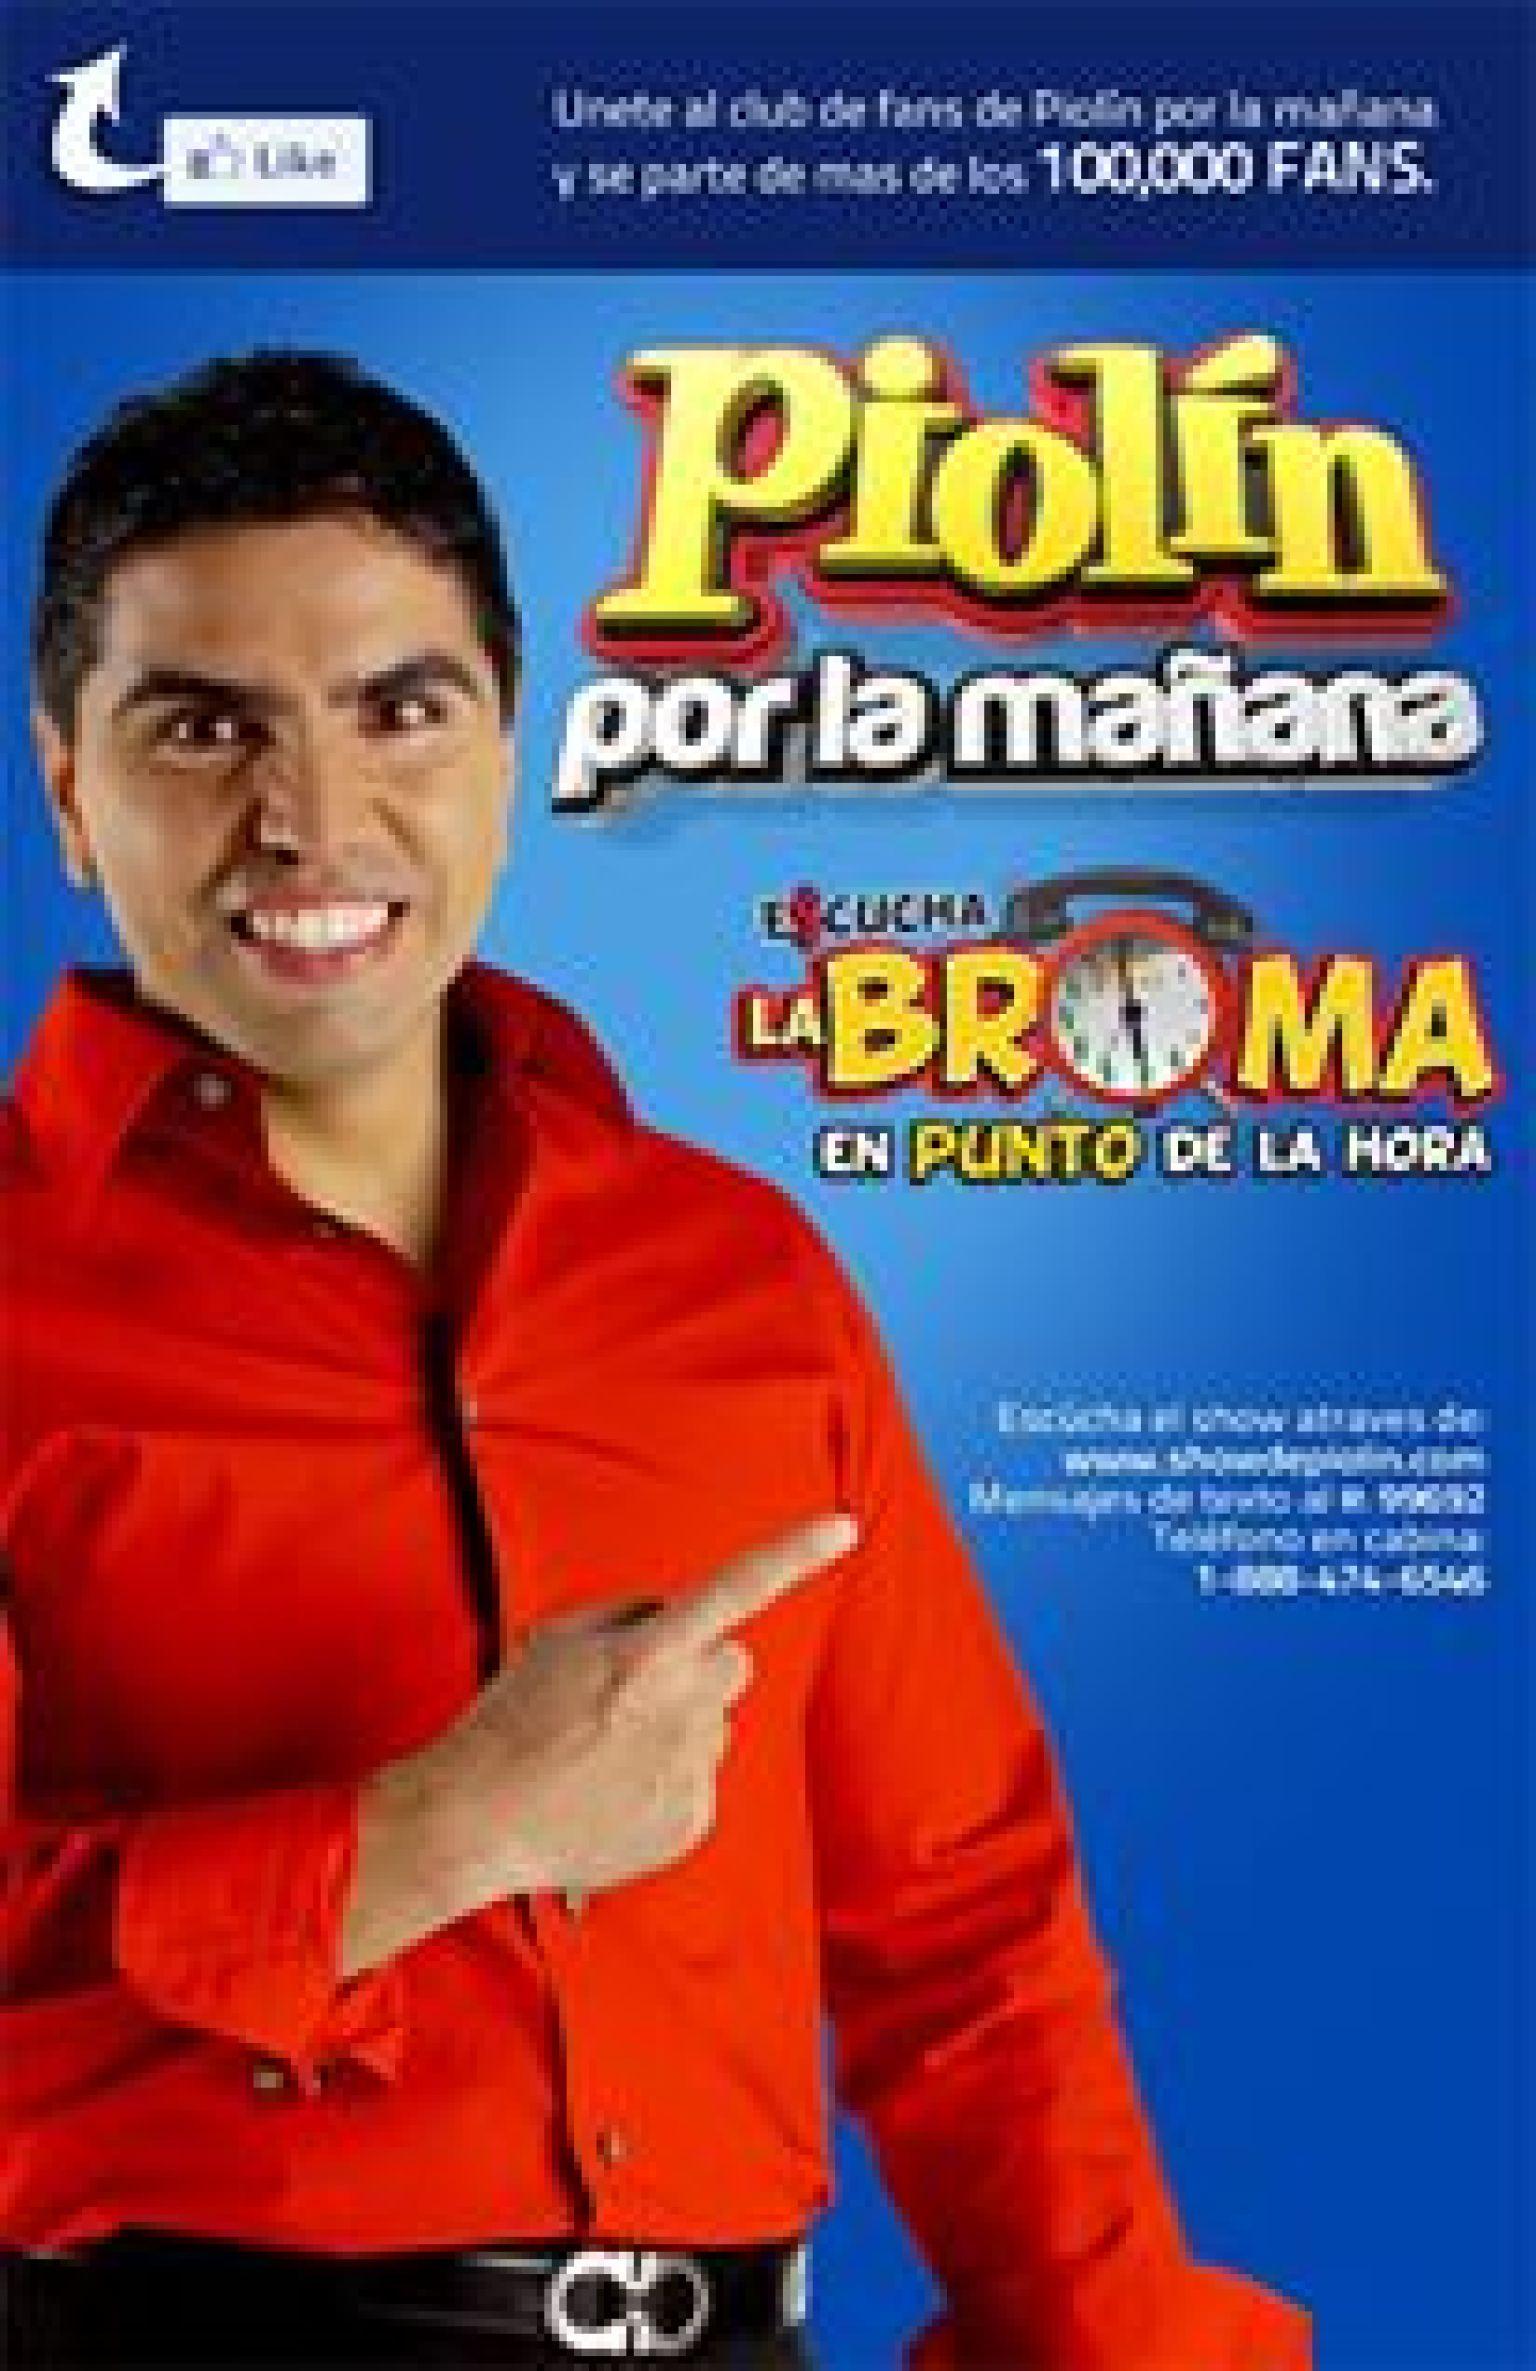 Manana La El Por Piolin